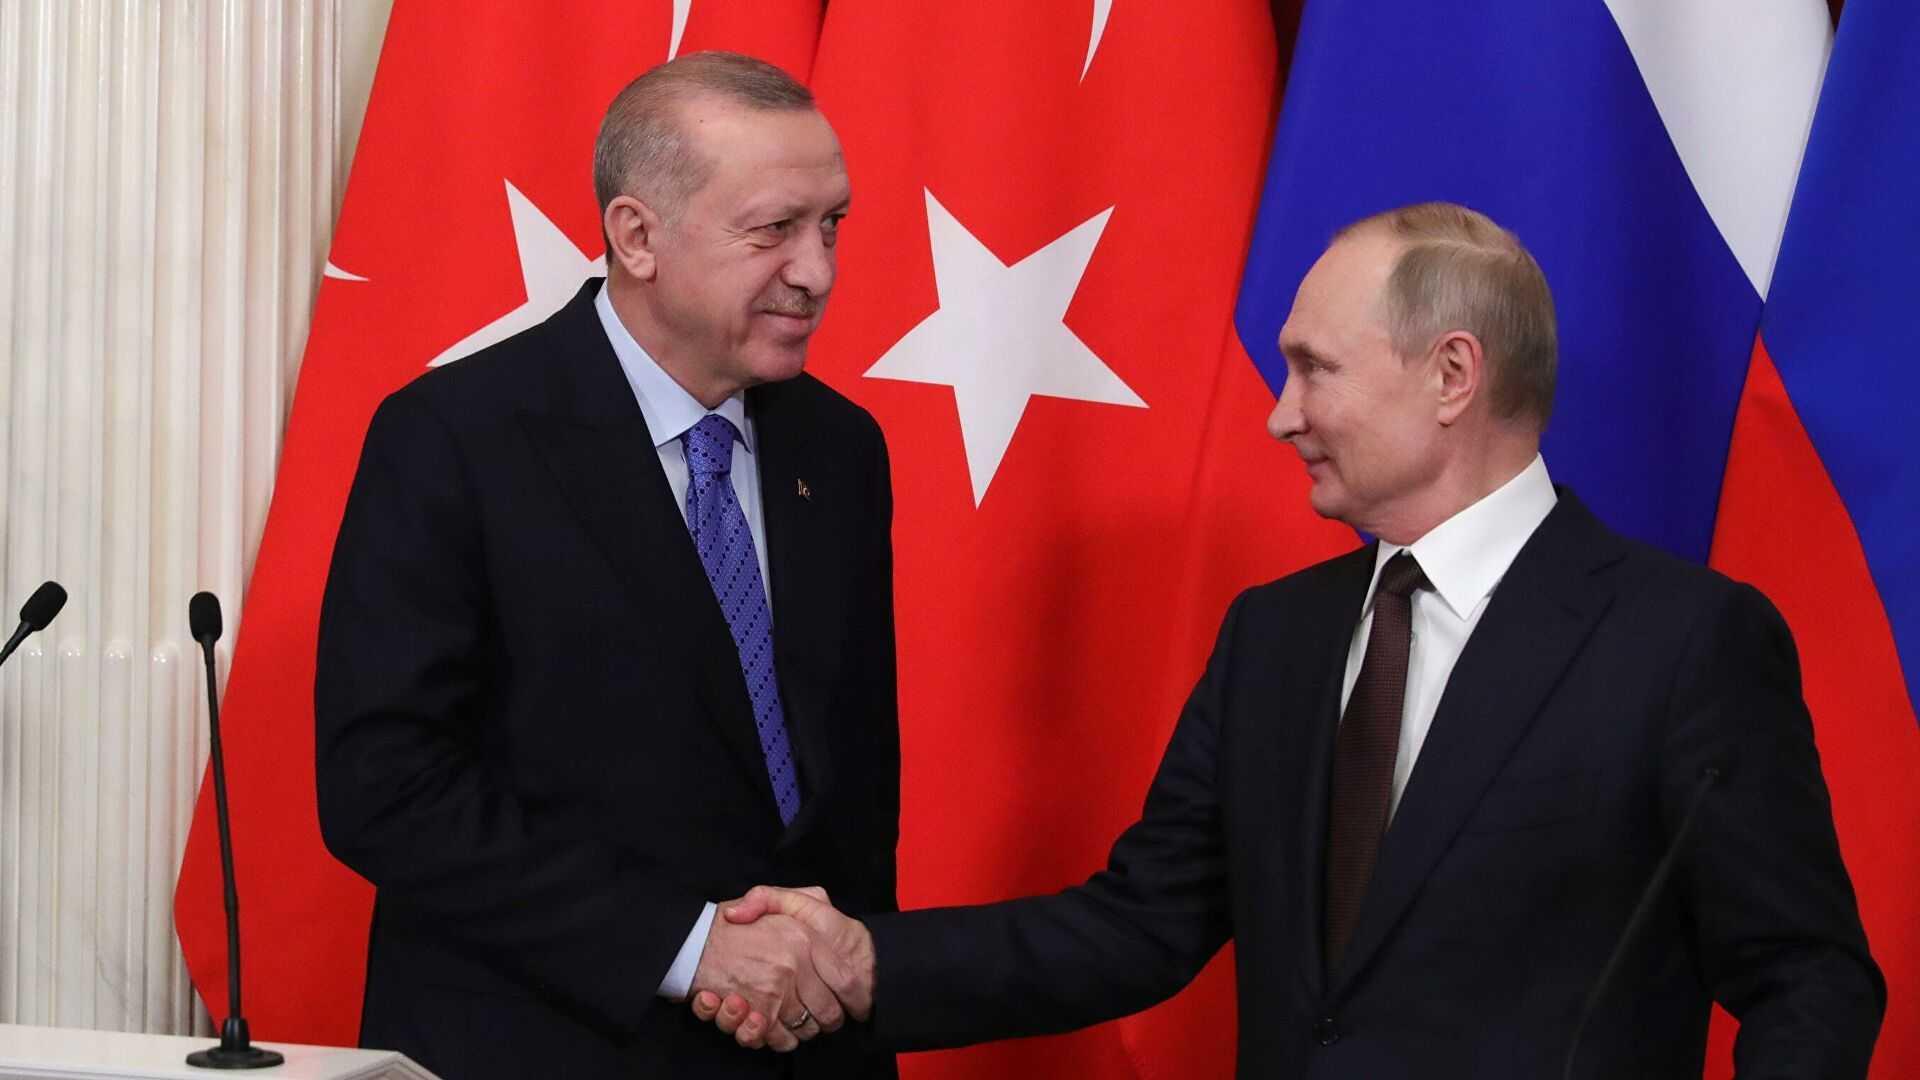 Эксперт предположил, о чем Эрдоган хочет поговорить с Путиным